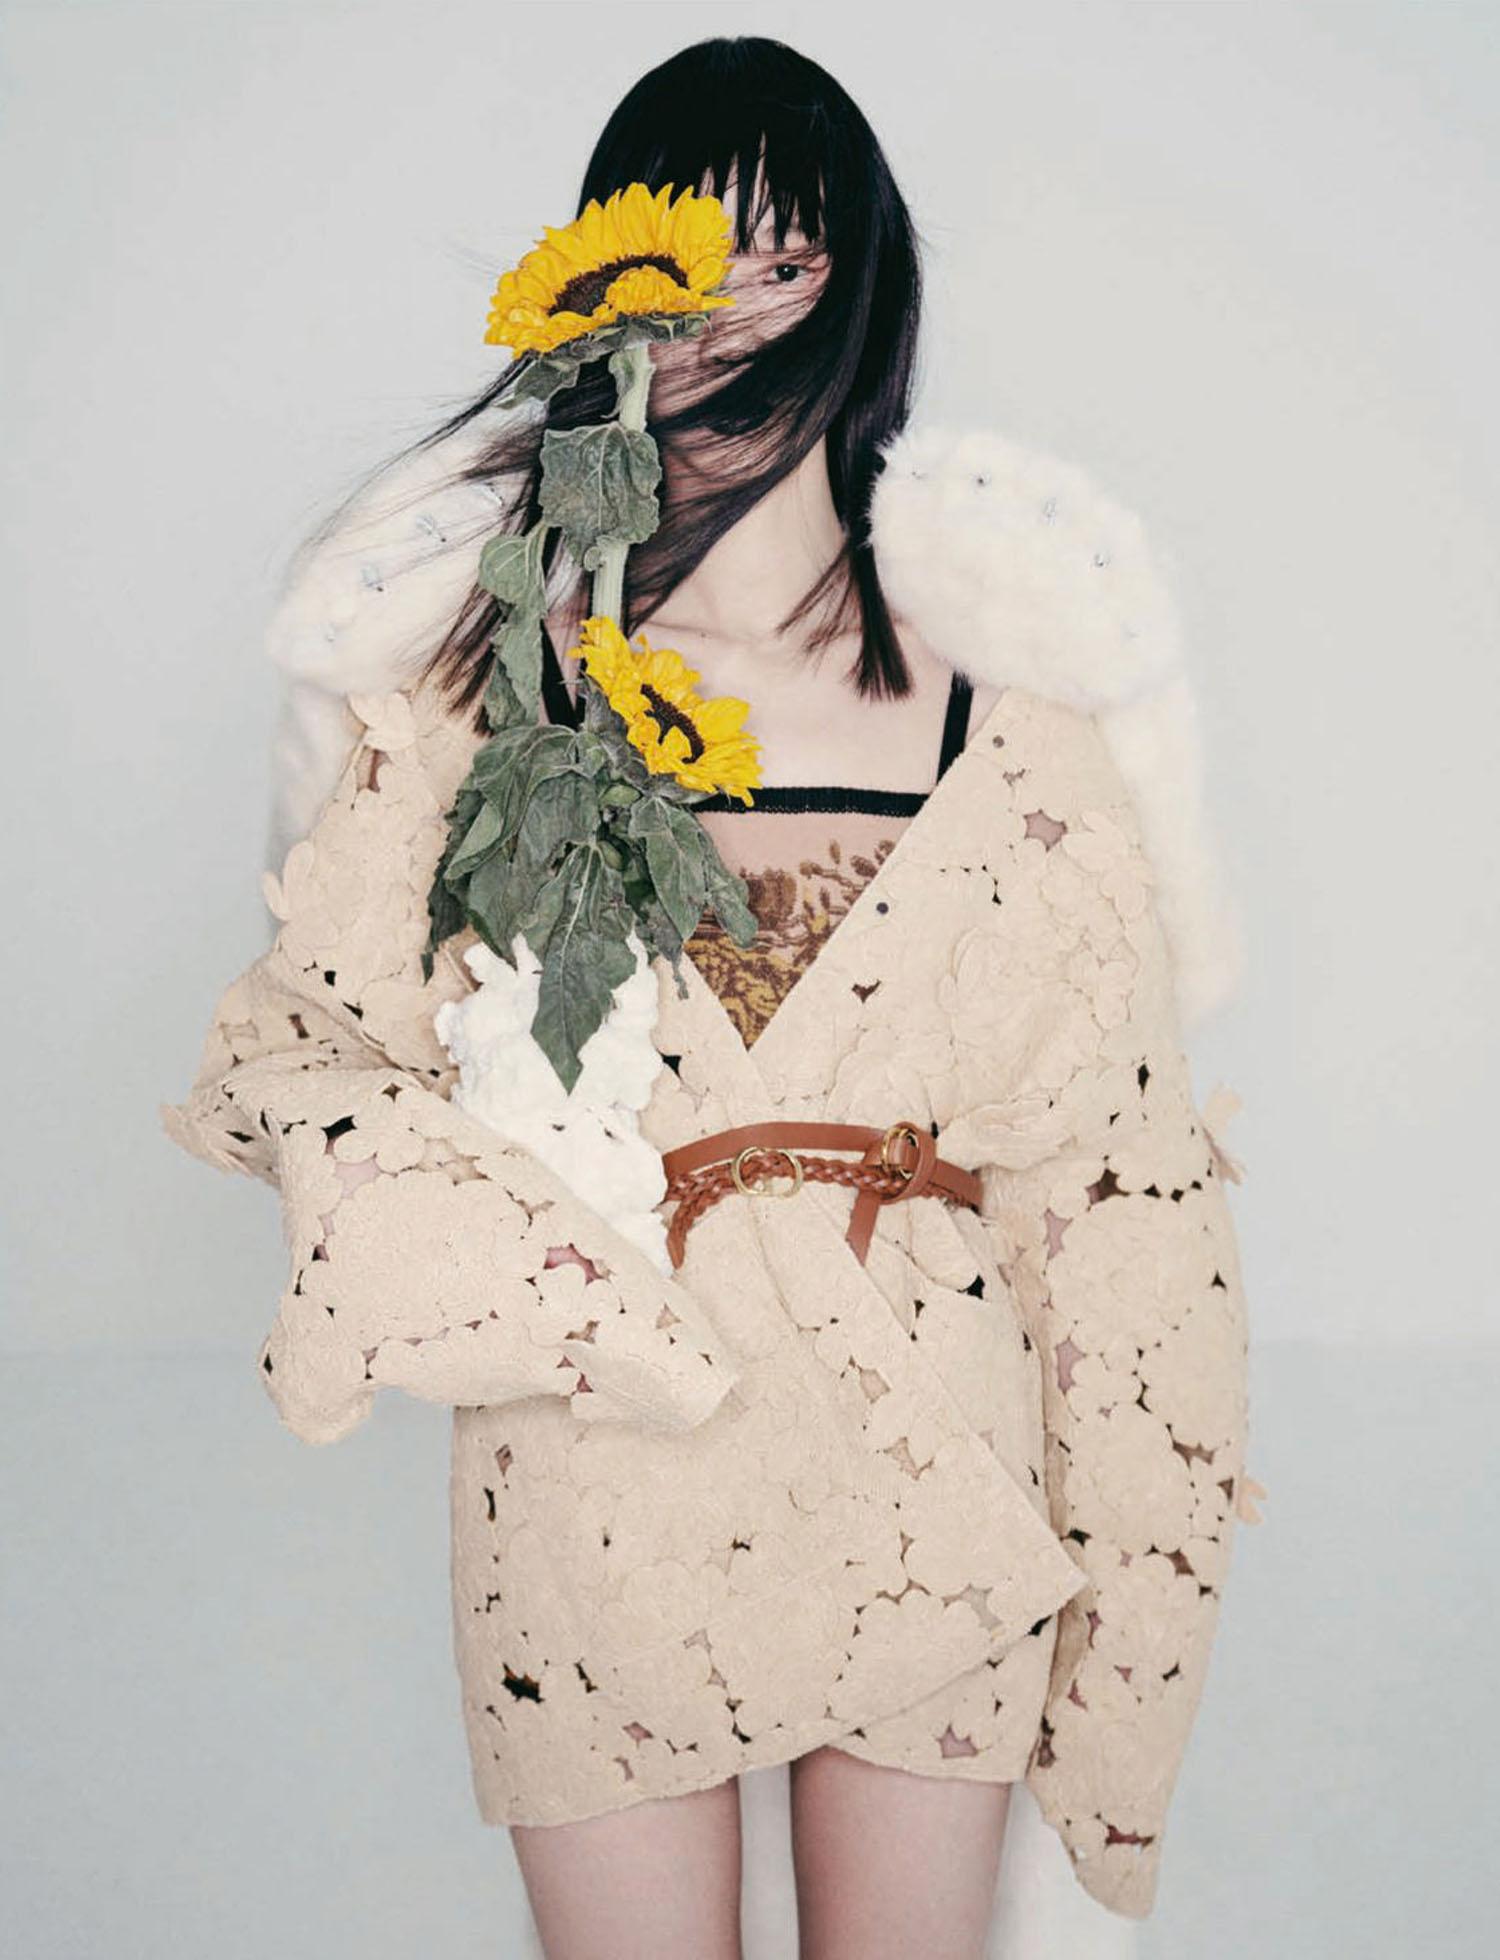 Huan Zhou by Hsu Hsiao Wei for Elle Taiwan April 2021